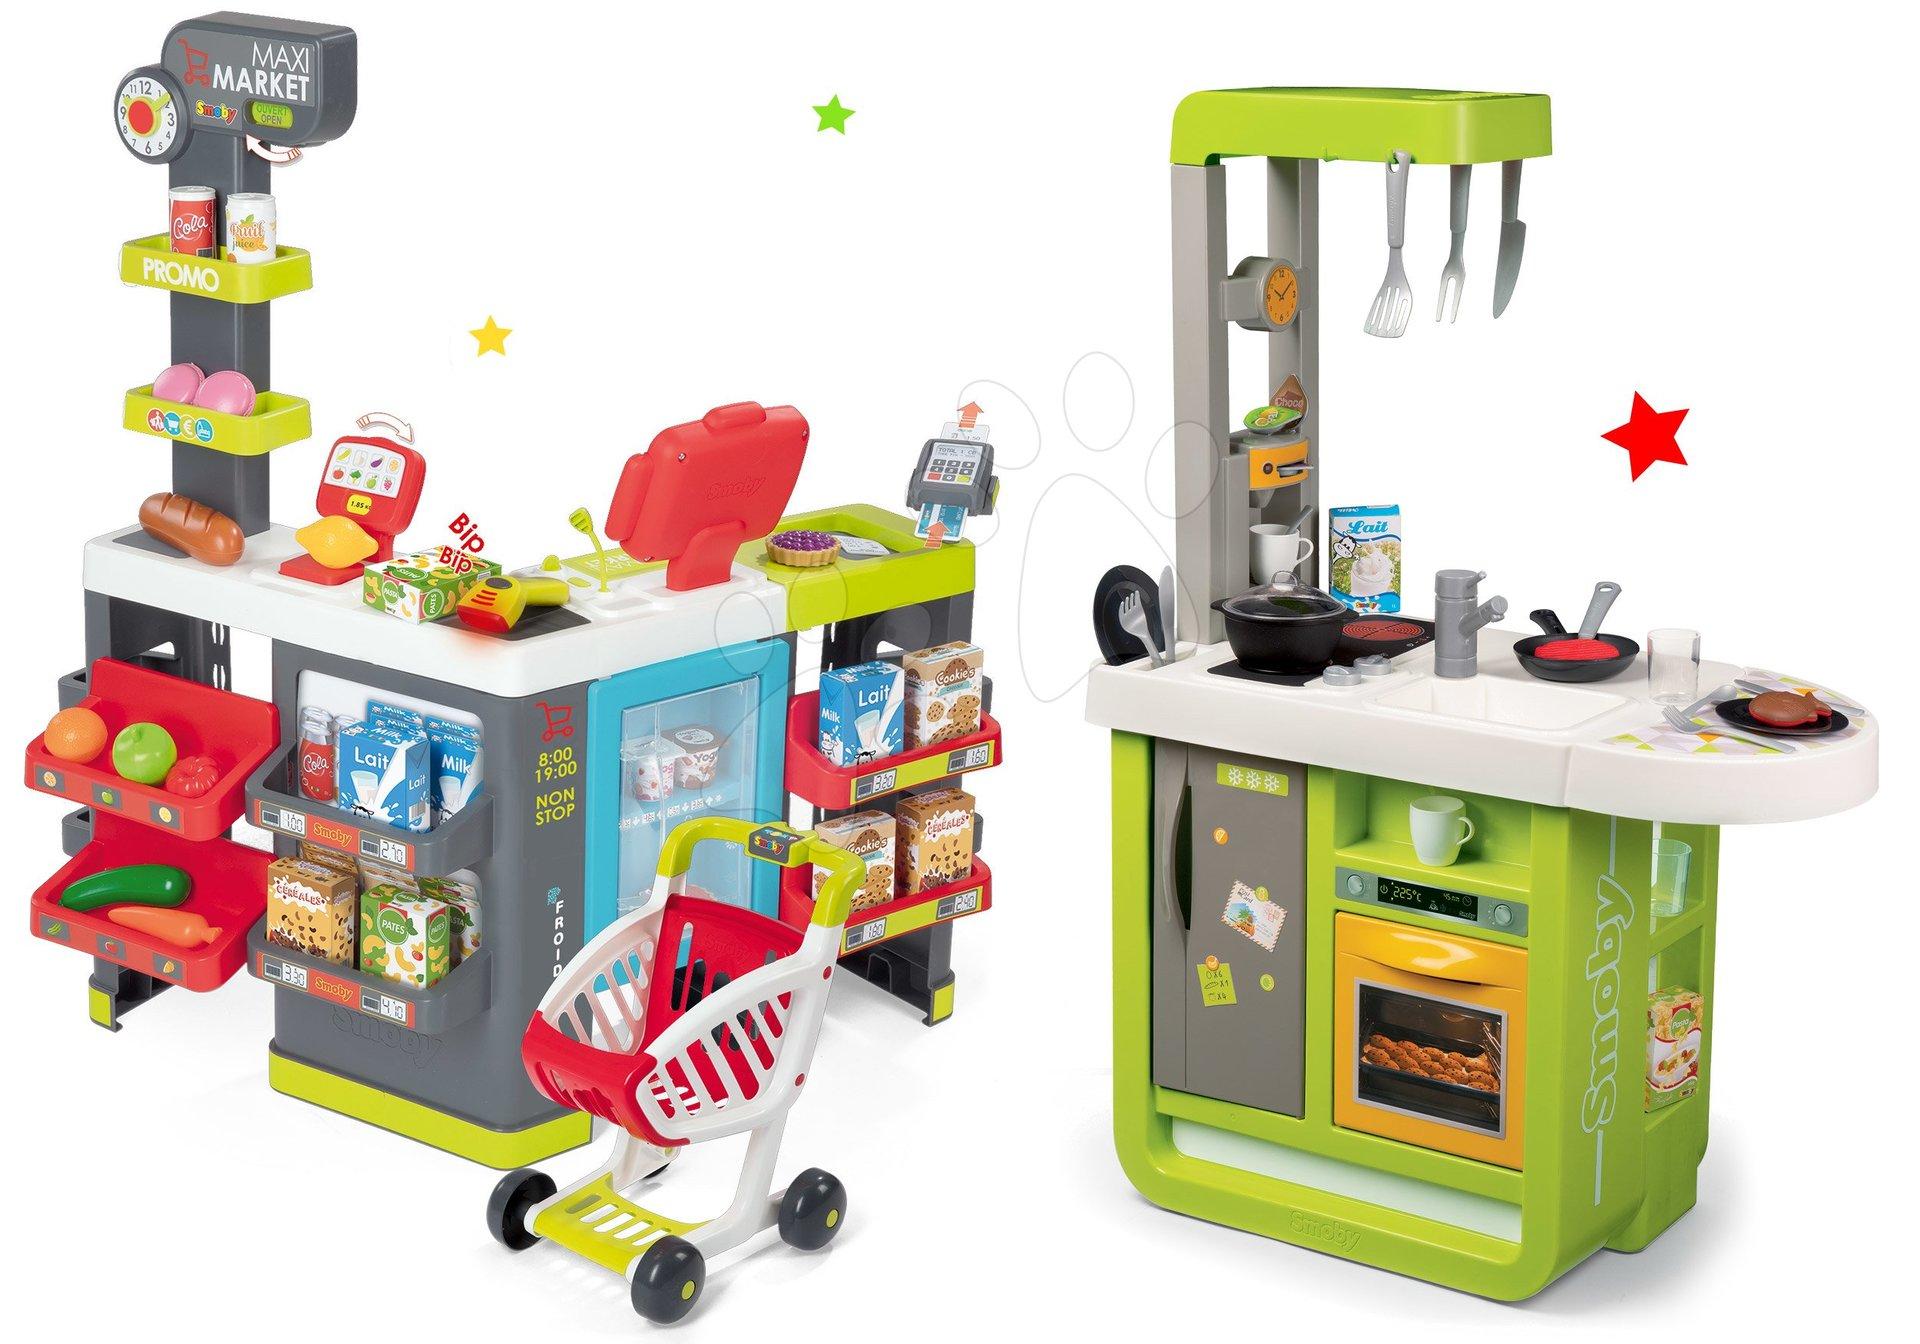 Smoby dětská kuchyňka Cherry Kitchen a obchod Supermarket 310900-2